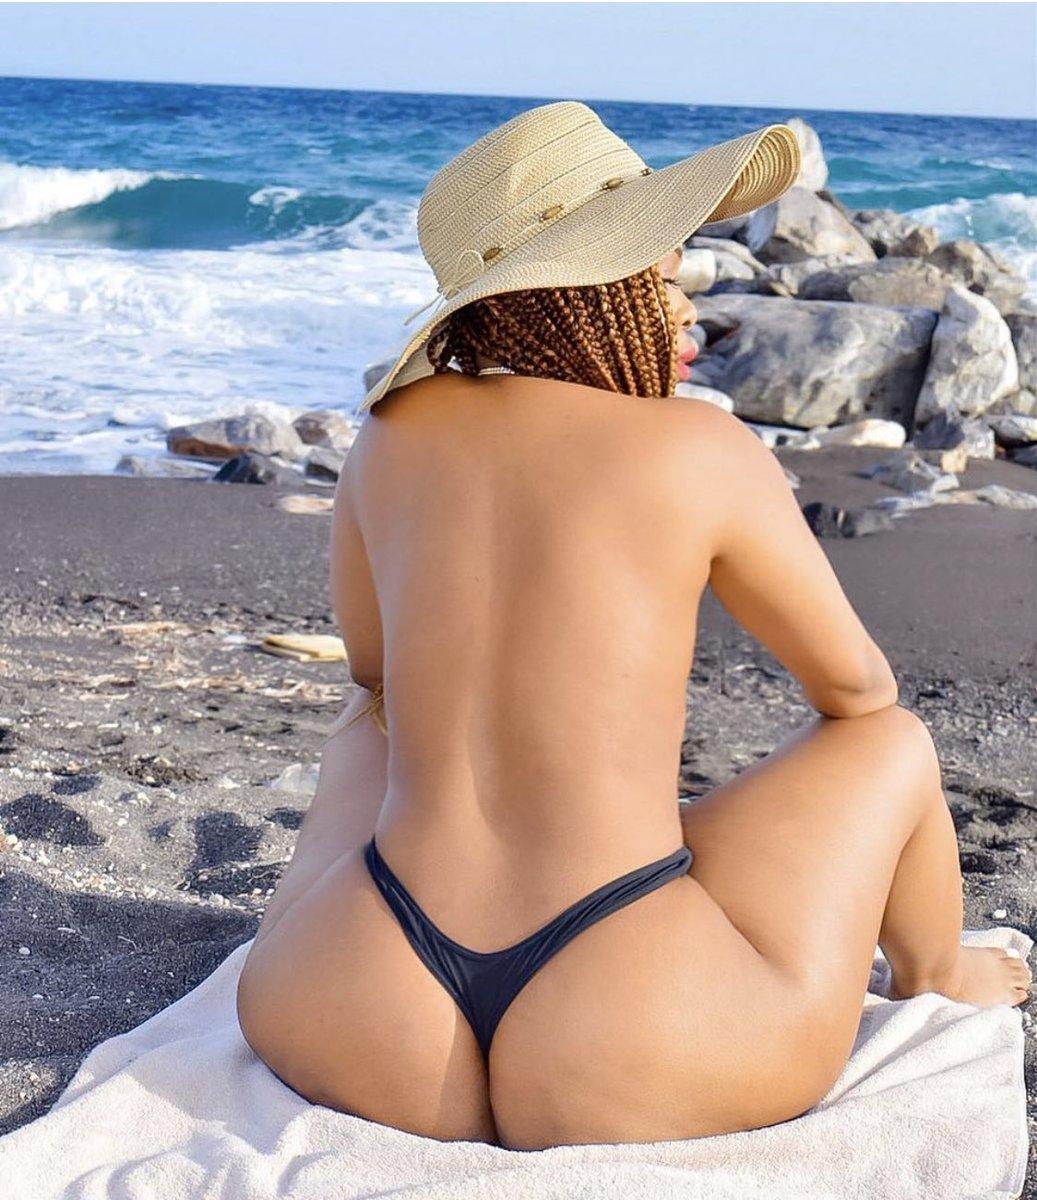 Emily ratajkowski slips on orange thong bikini in miami